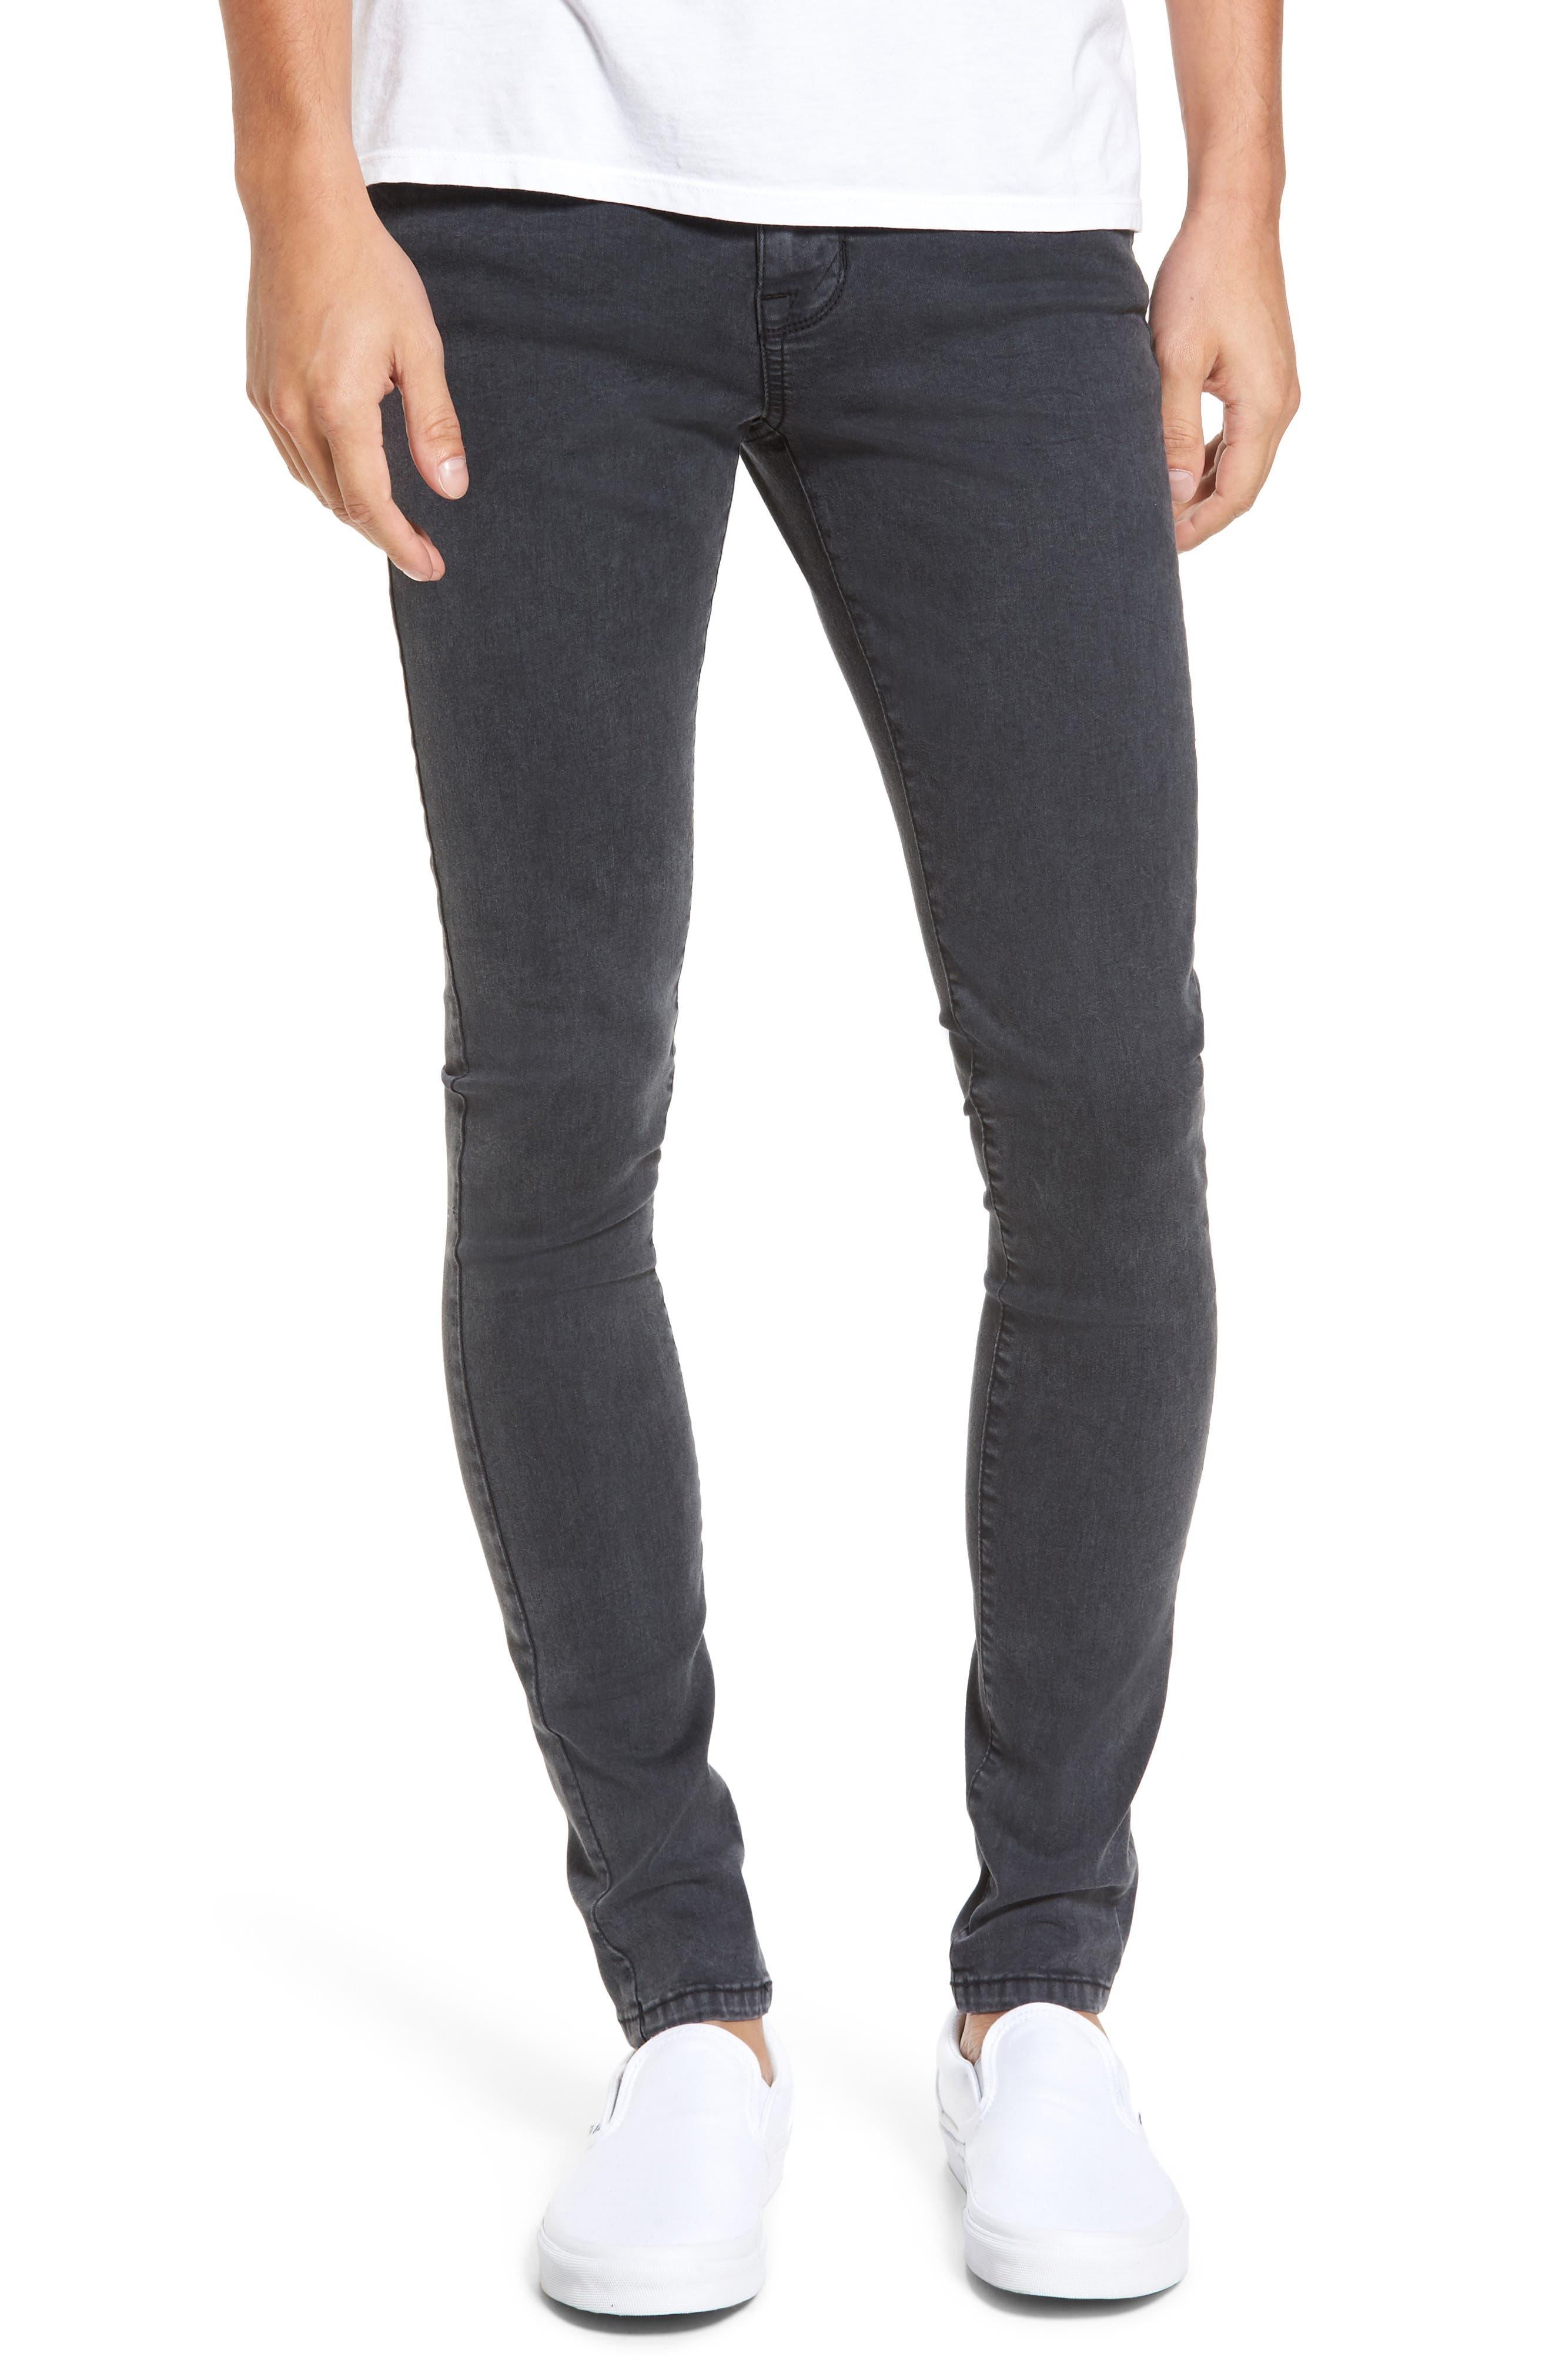 Leroy Slim Fit Jeans,                             Main thumbnail 1, color,                             020